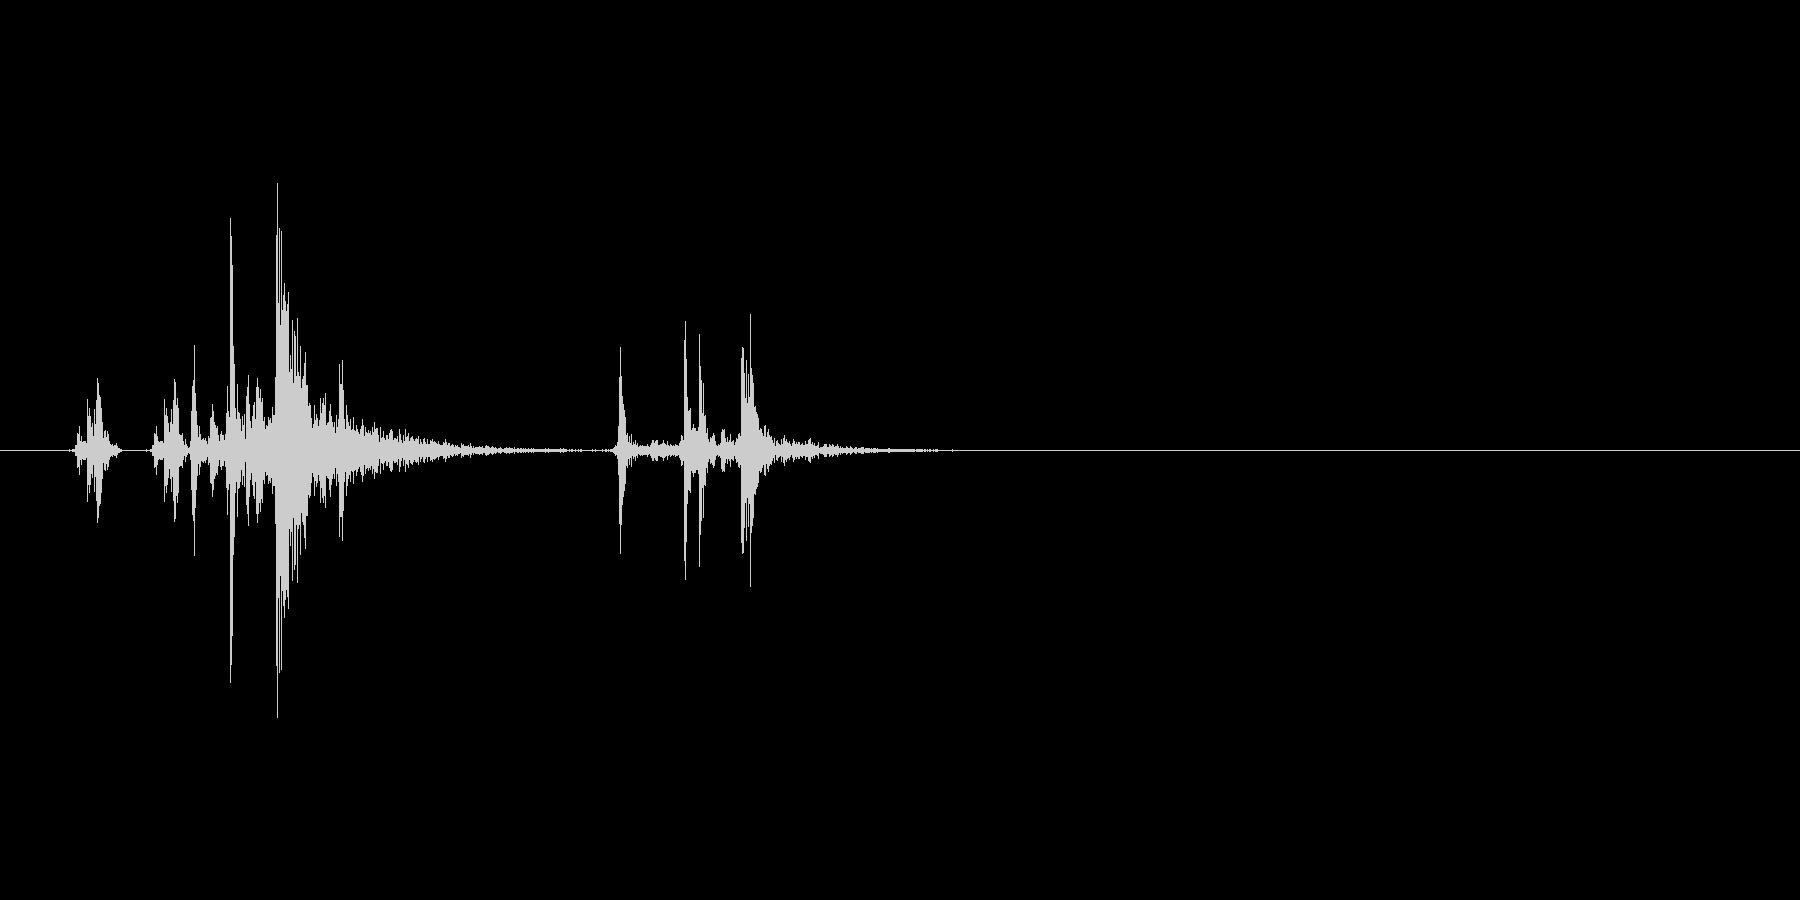 ハンドガン、マグナムタイプ。トリガー空…の未再生の波形